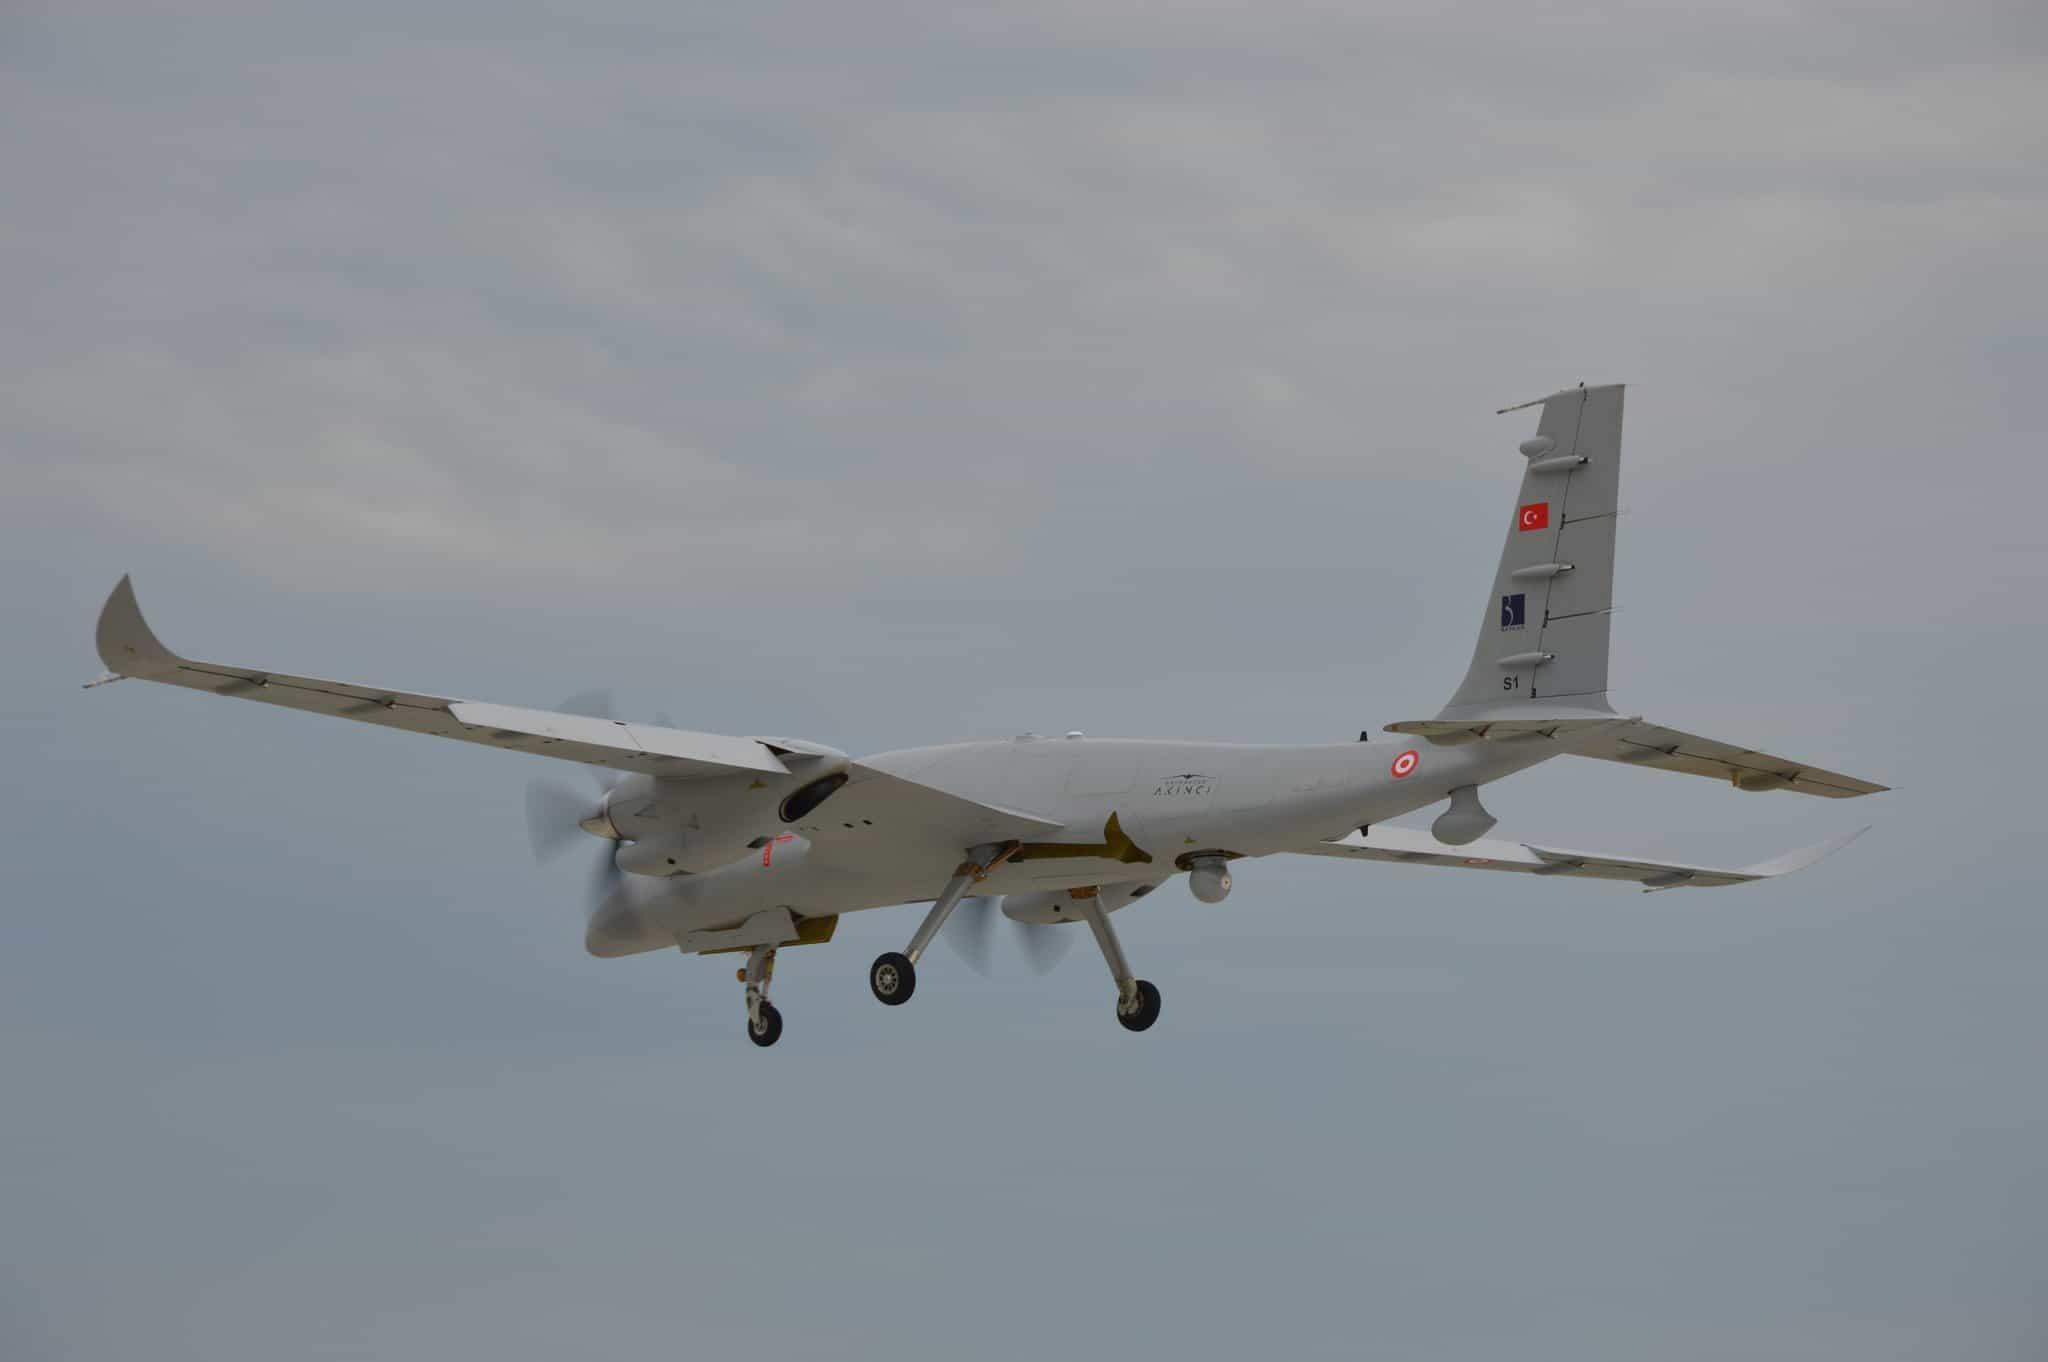 Безпілотний літальний апарат (БПЛА) Akinci